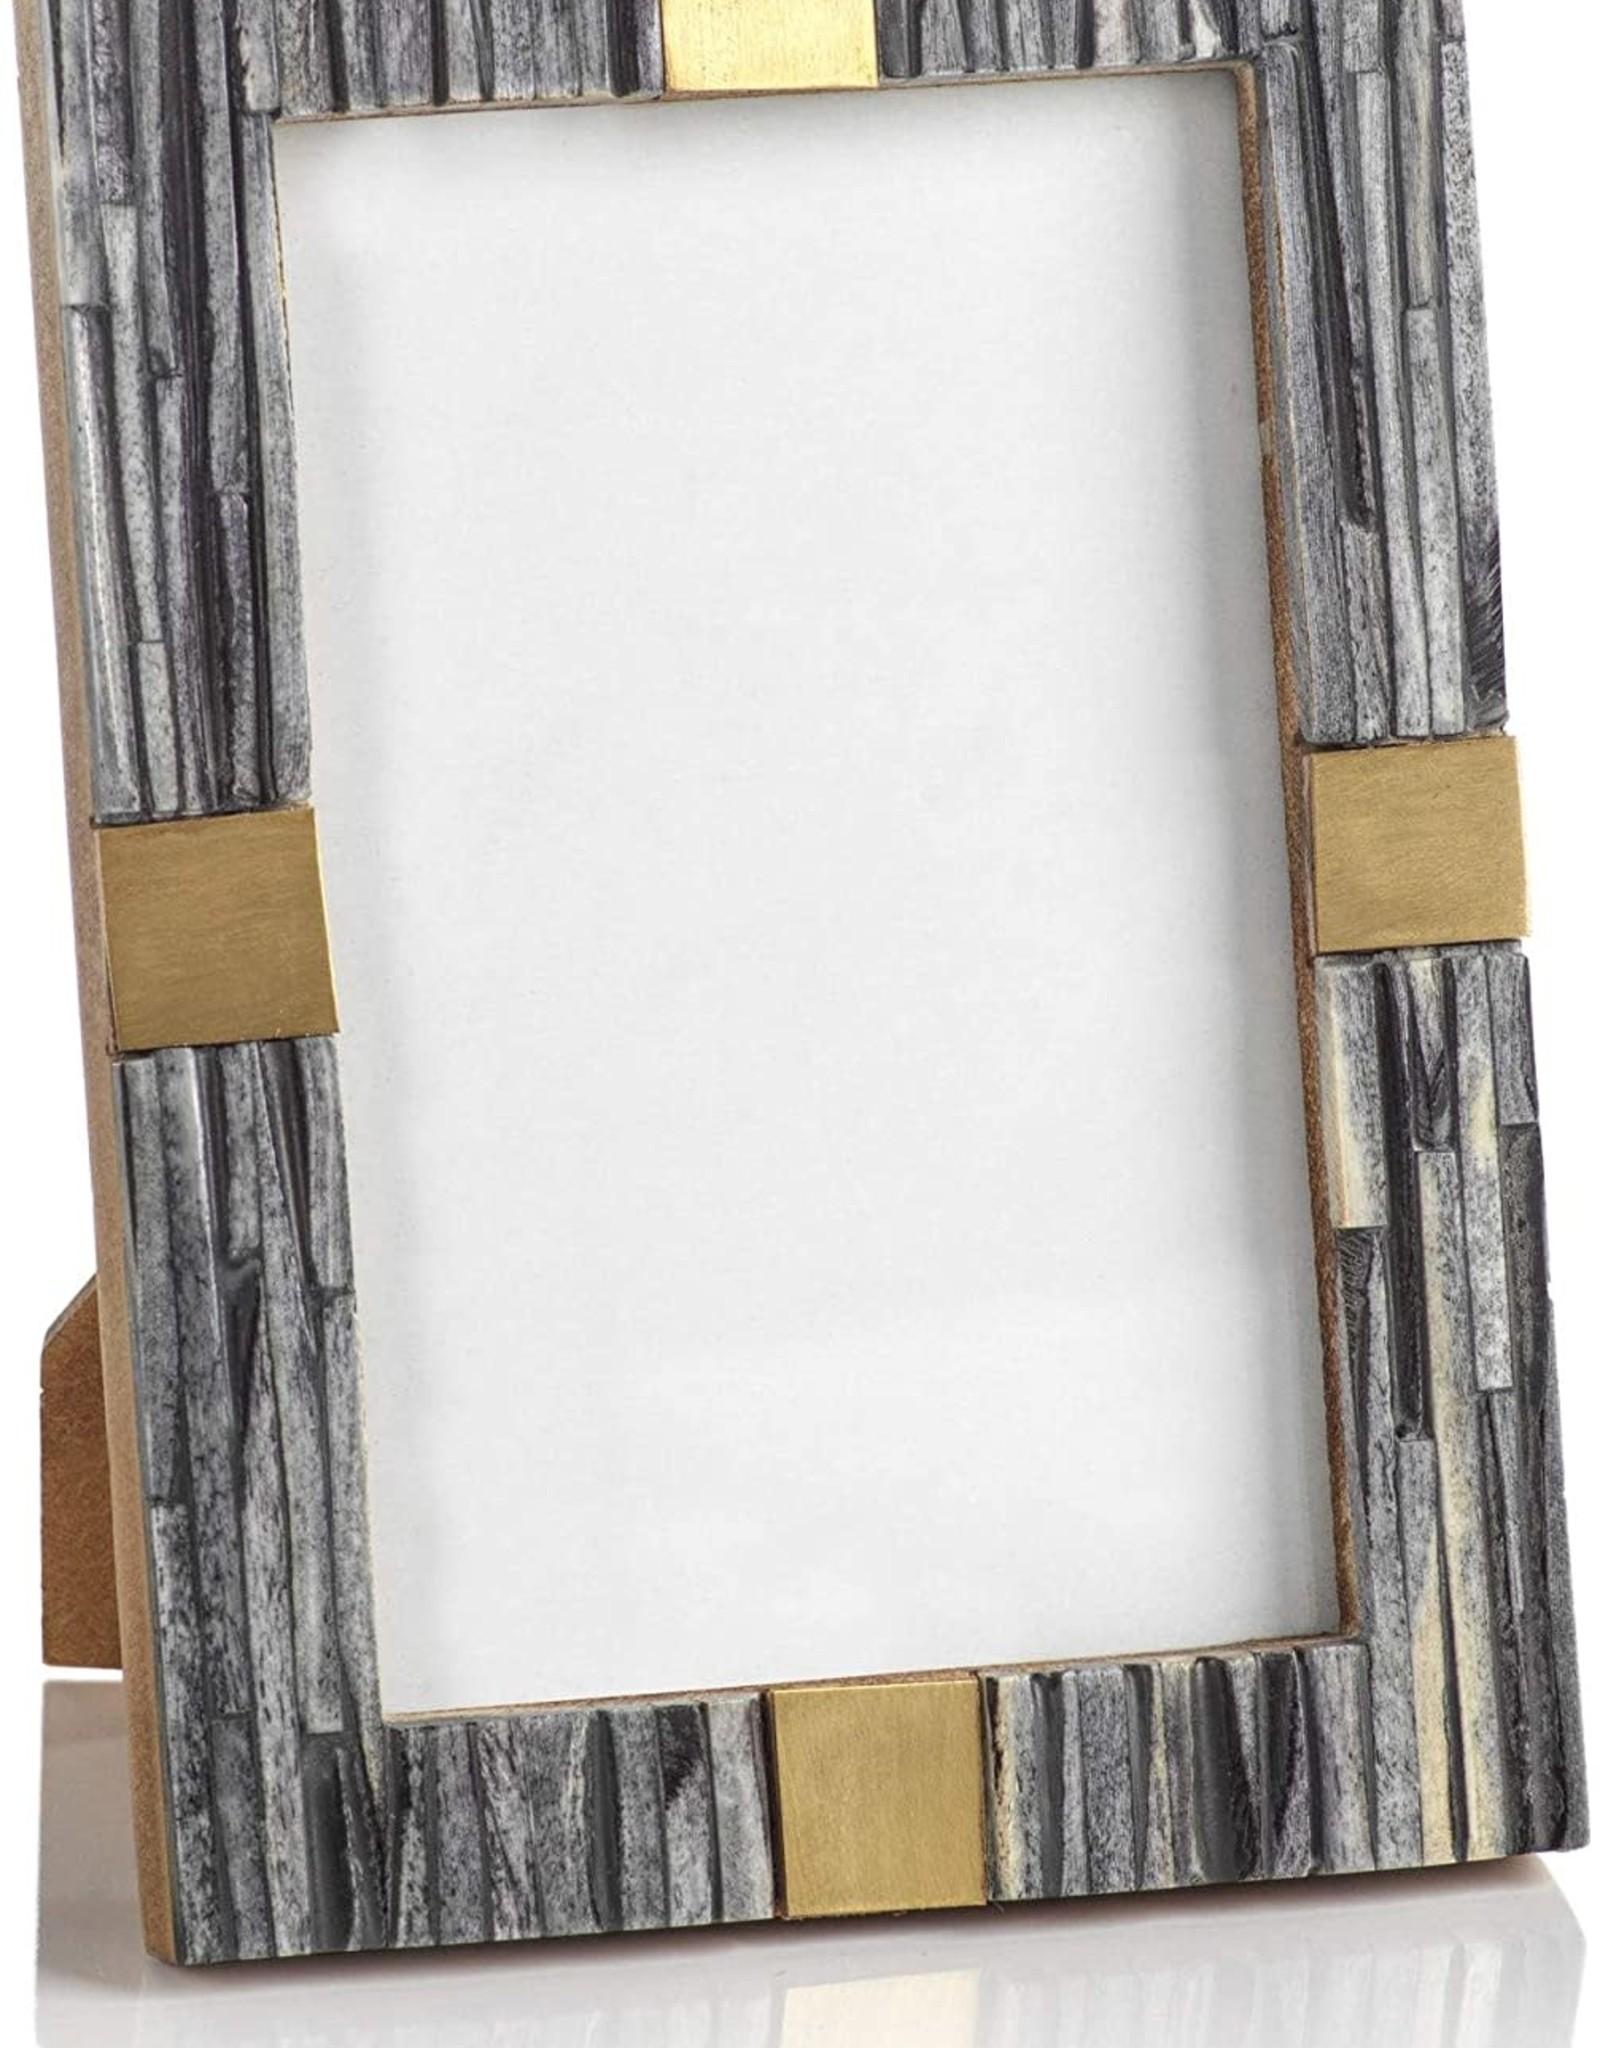 Zodax Zodax Ribbed Gray Bone & Brass Leaf Frame